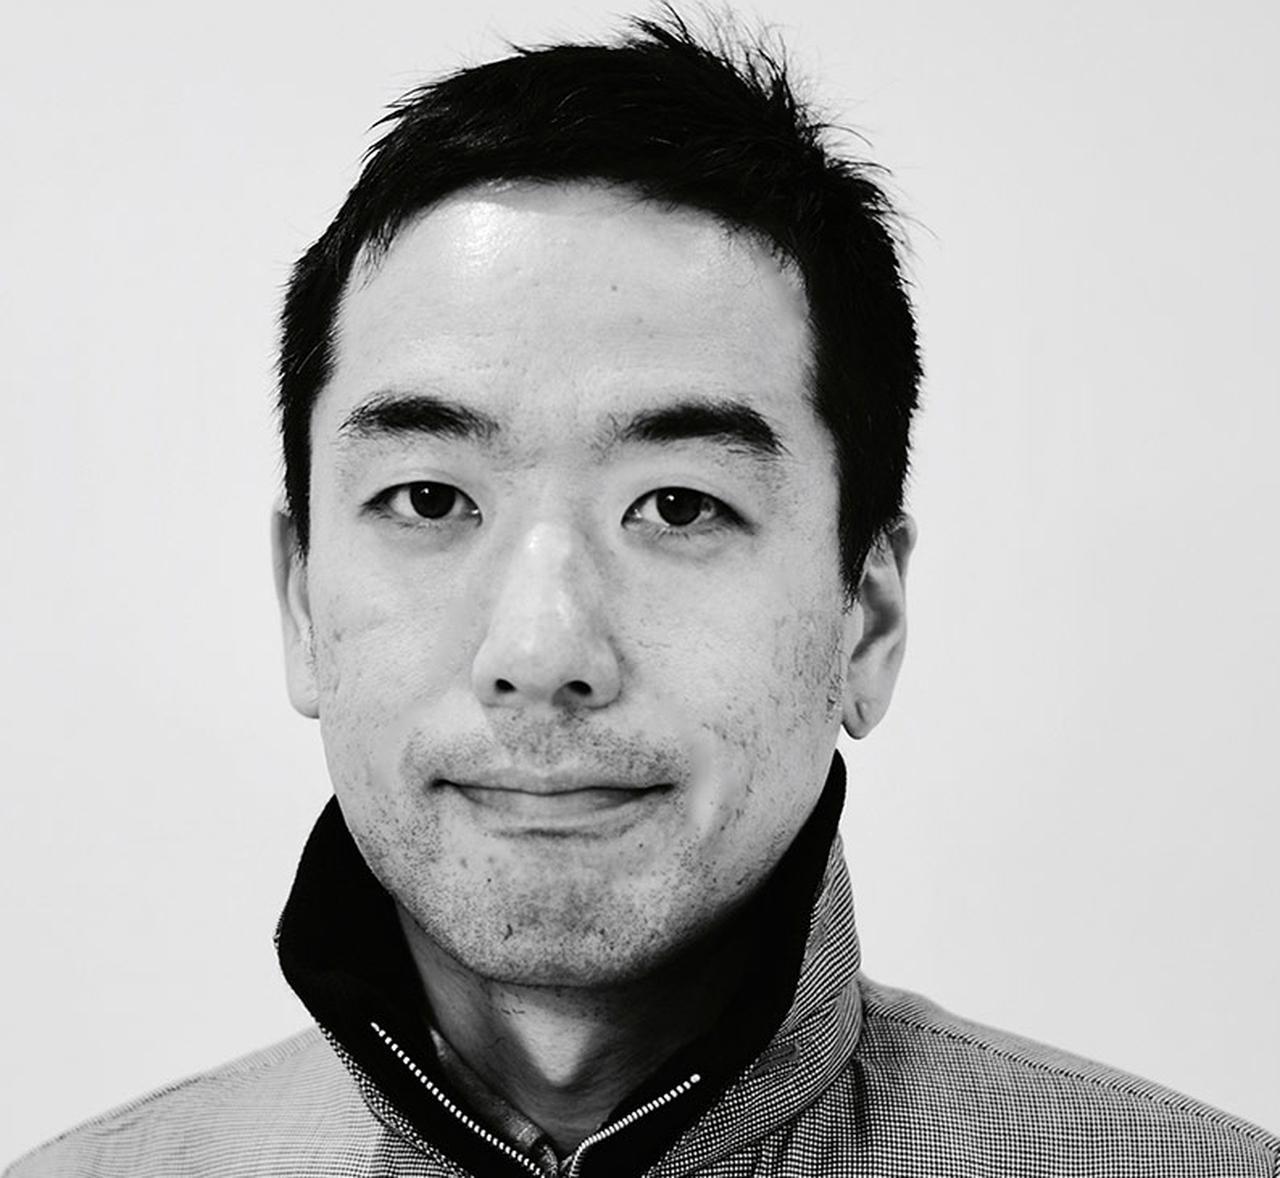 画像: 大川喬司(おおかわ・たかし) 1978年生まれ、2002年ゴルフダイジェスト社入社。週刊ゴルフダイジェストなど雑誌編集部、書籍編集部、ゴルフ漫画誌ボギー編集長などを経て現在はソーシャルメディア編集部編集長